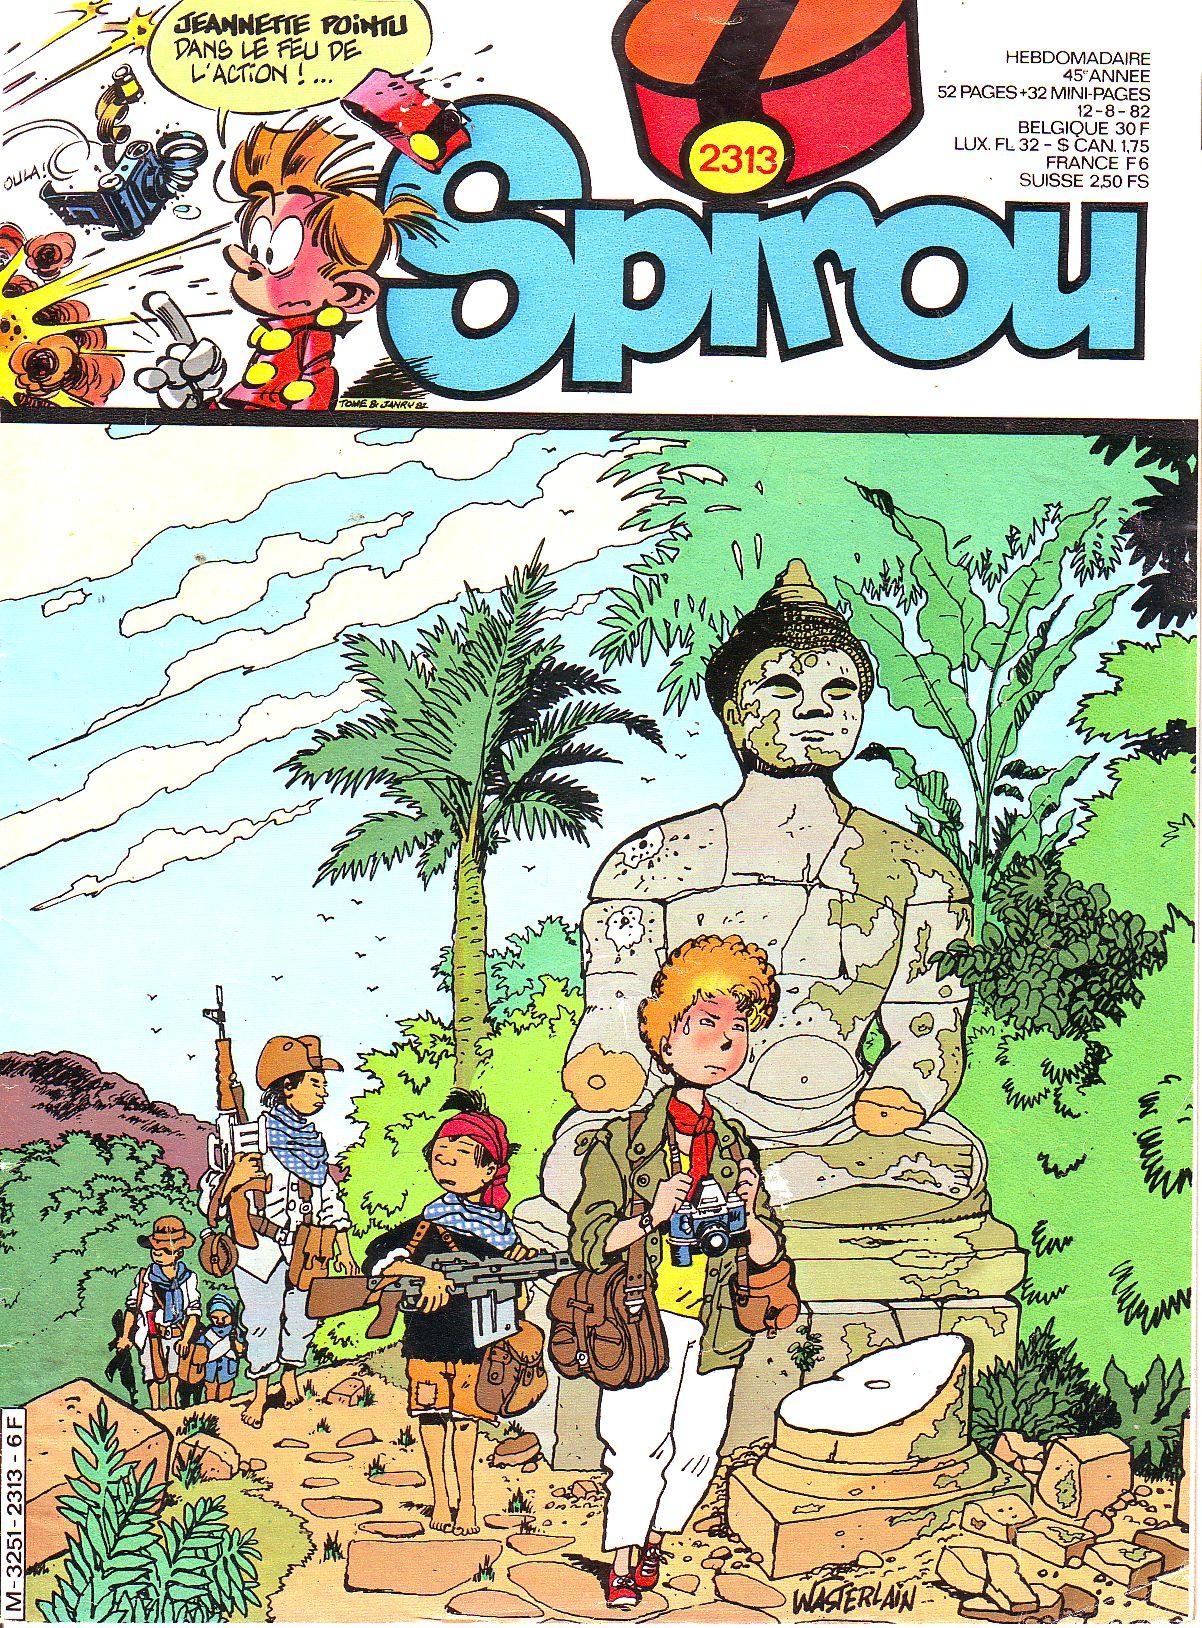 Le journal de Spirou 2313